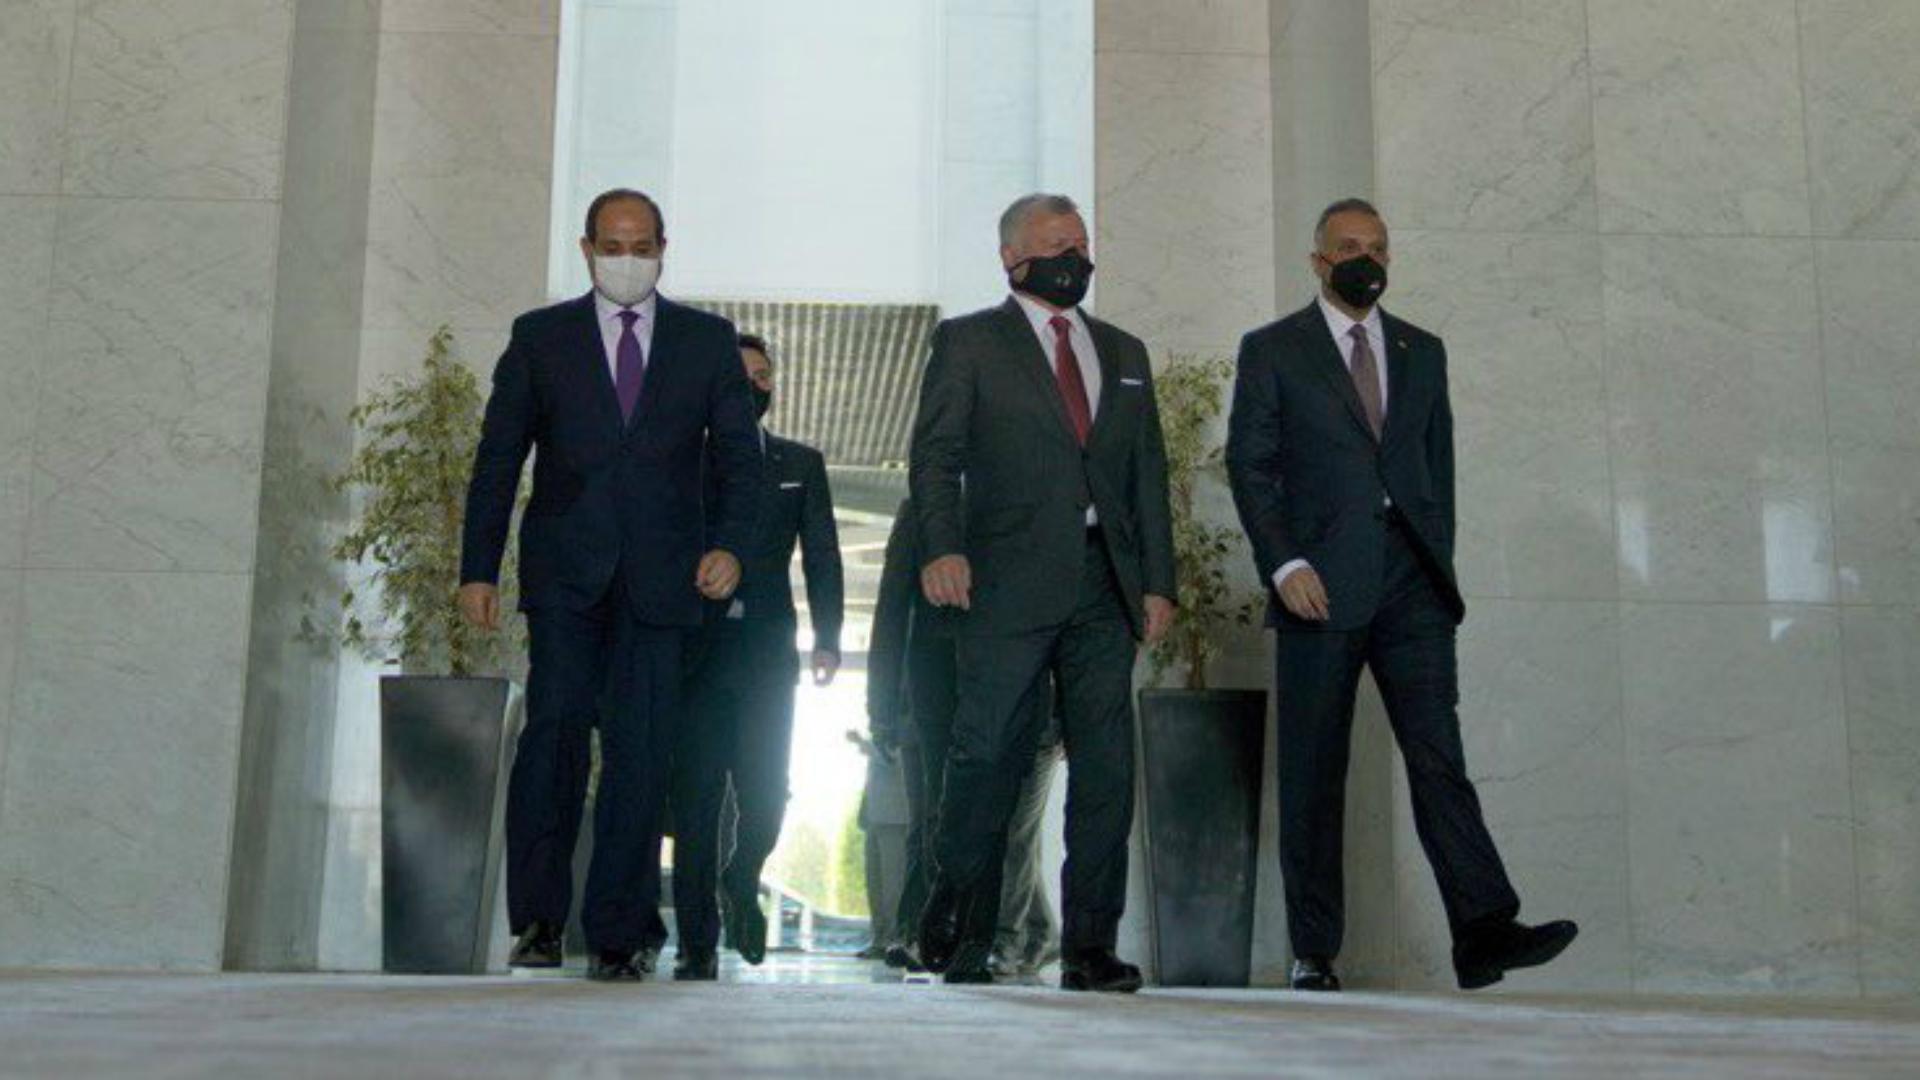 الكاظمي يحضر قمة مع الرئيس المصري والملك الأردني